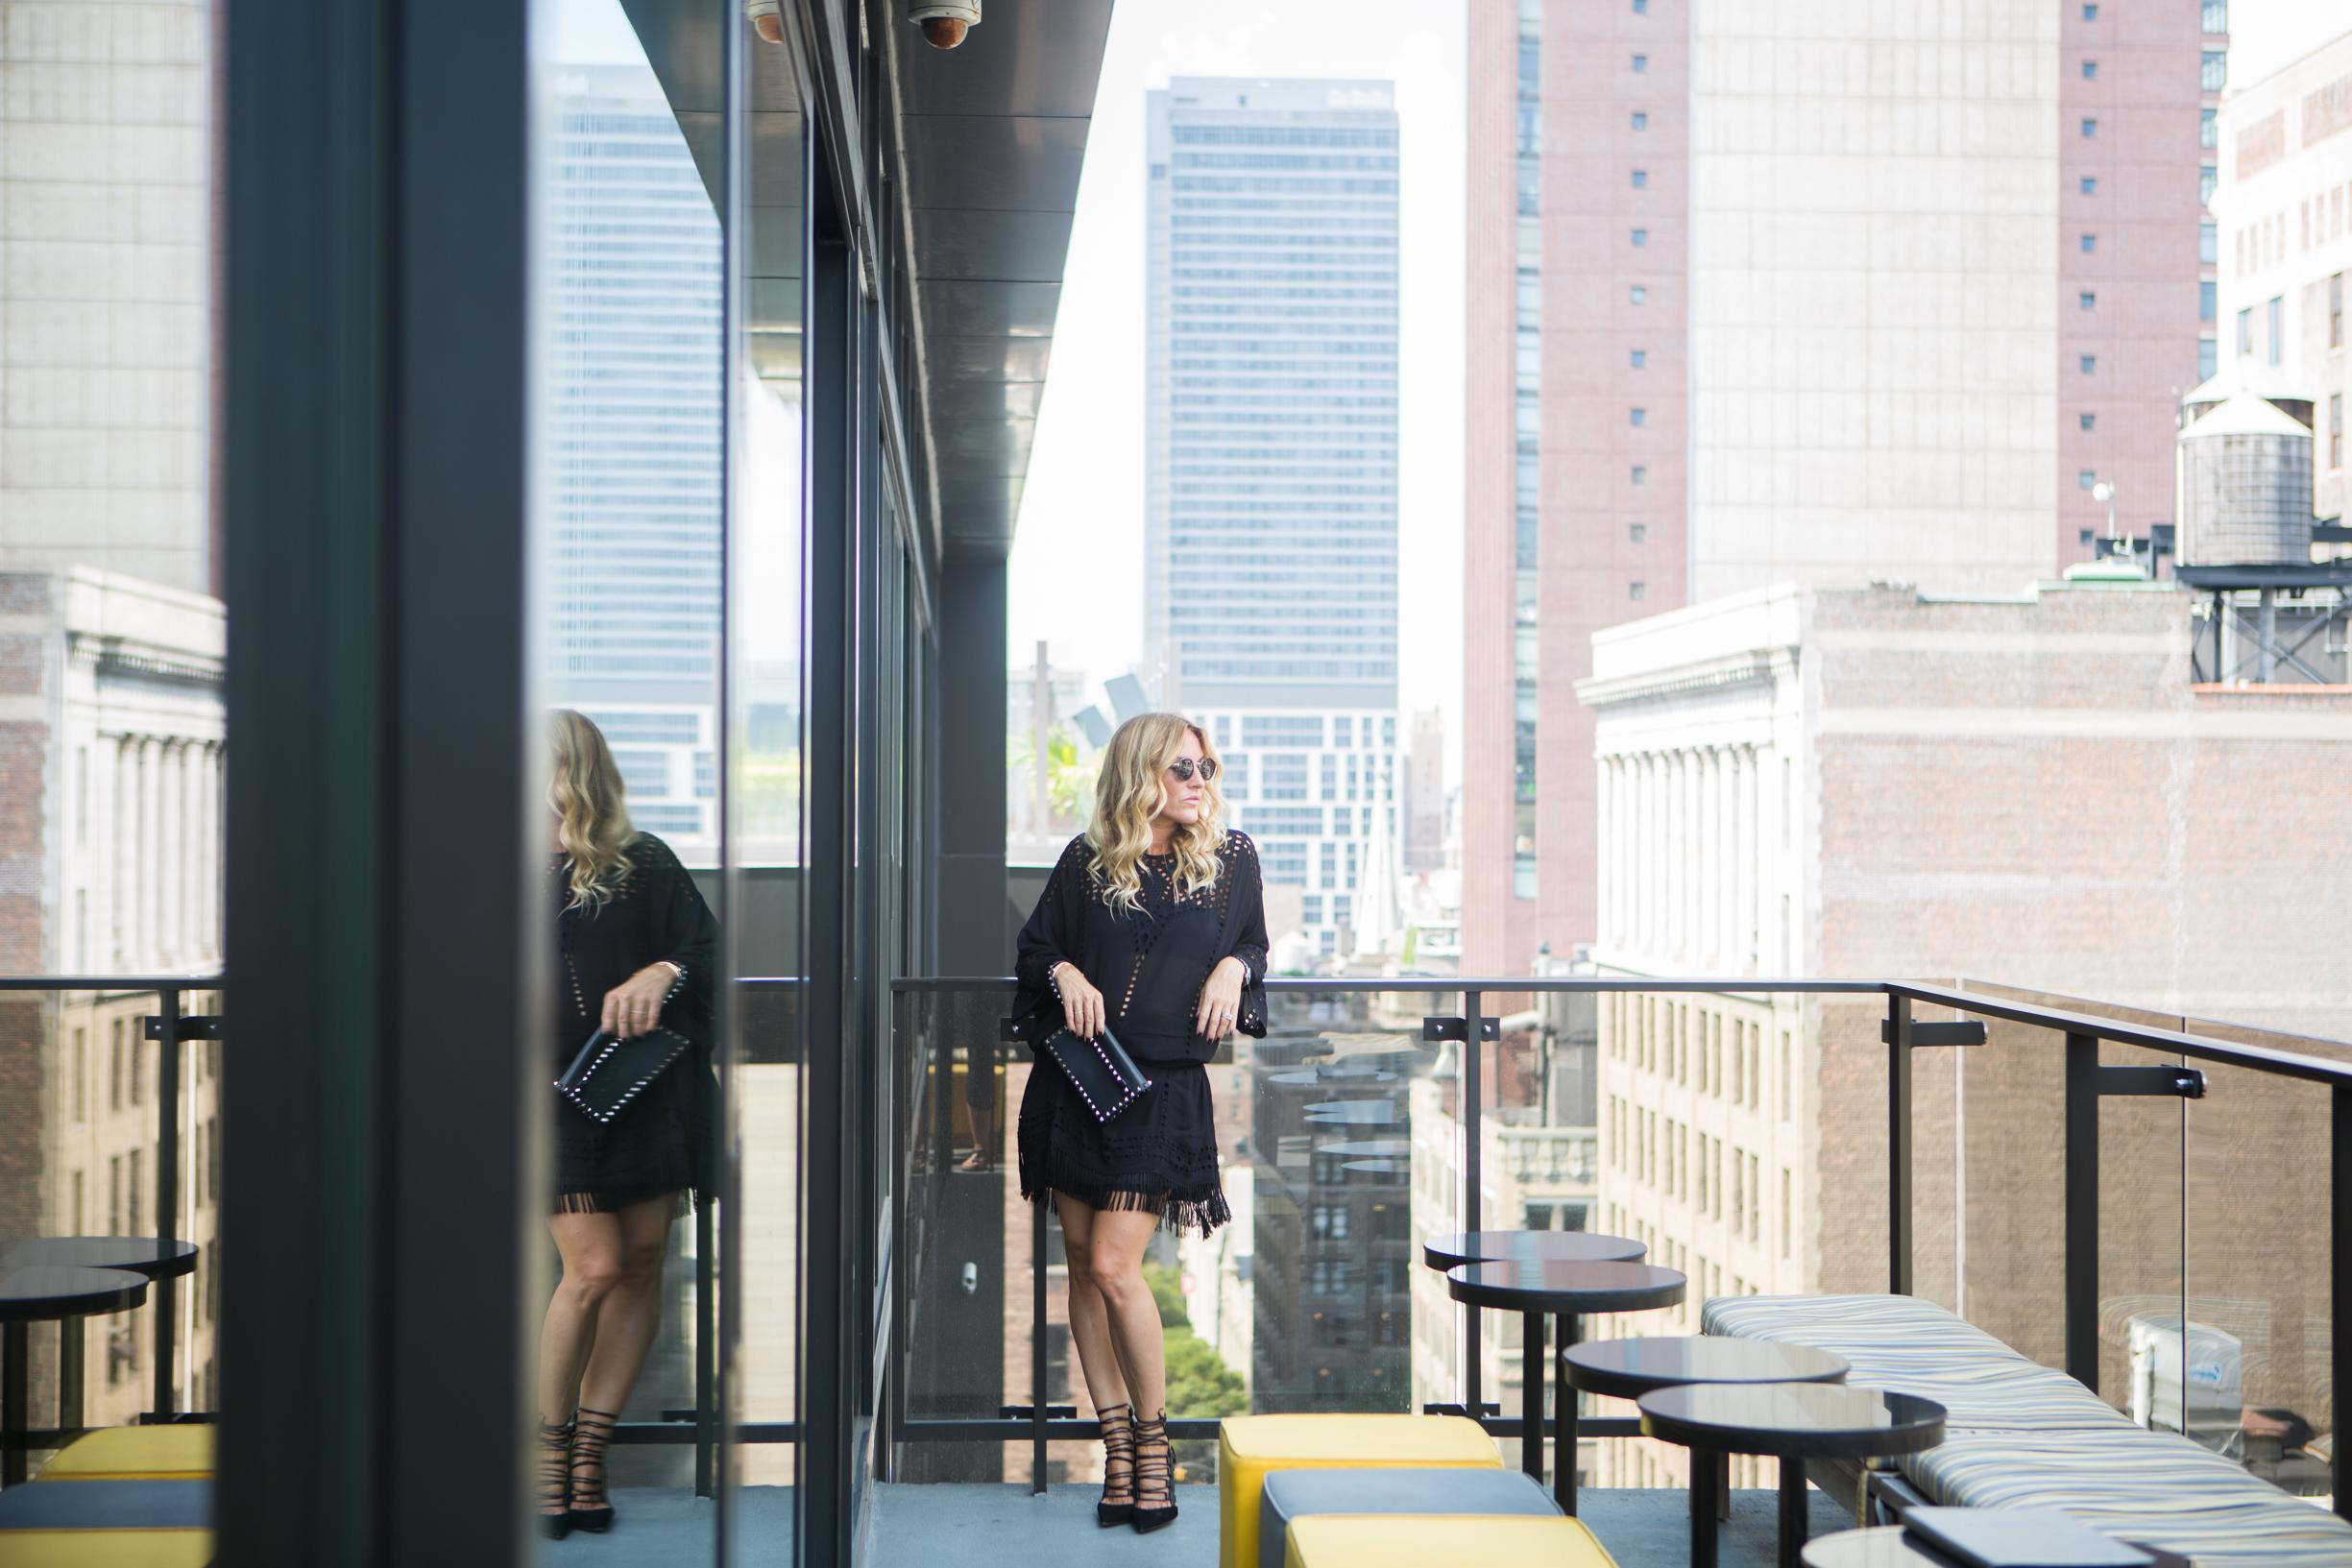 mademoiselle jules ootd new york fashion week ganesvoort park hotel